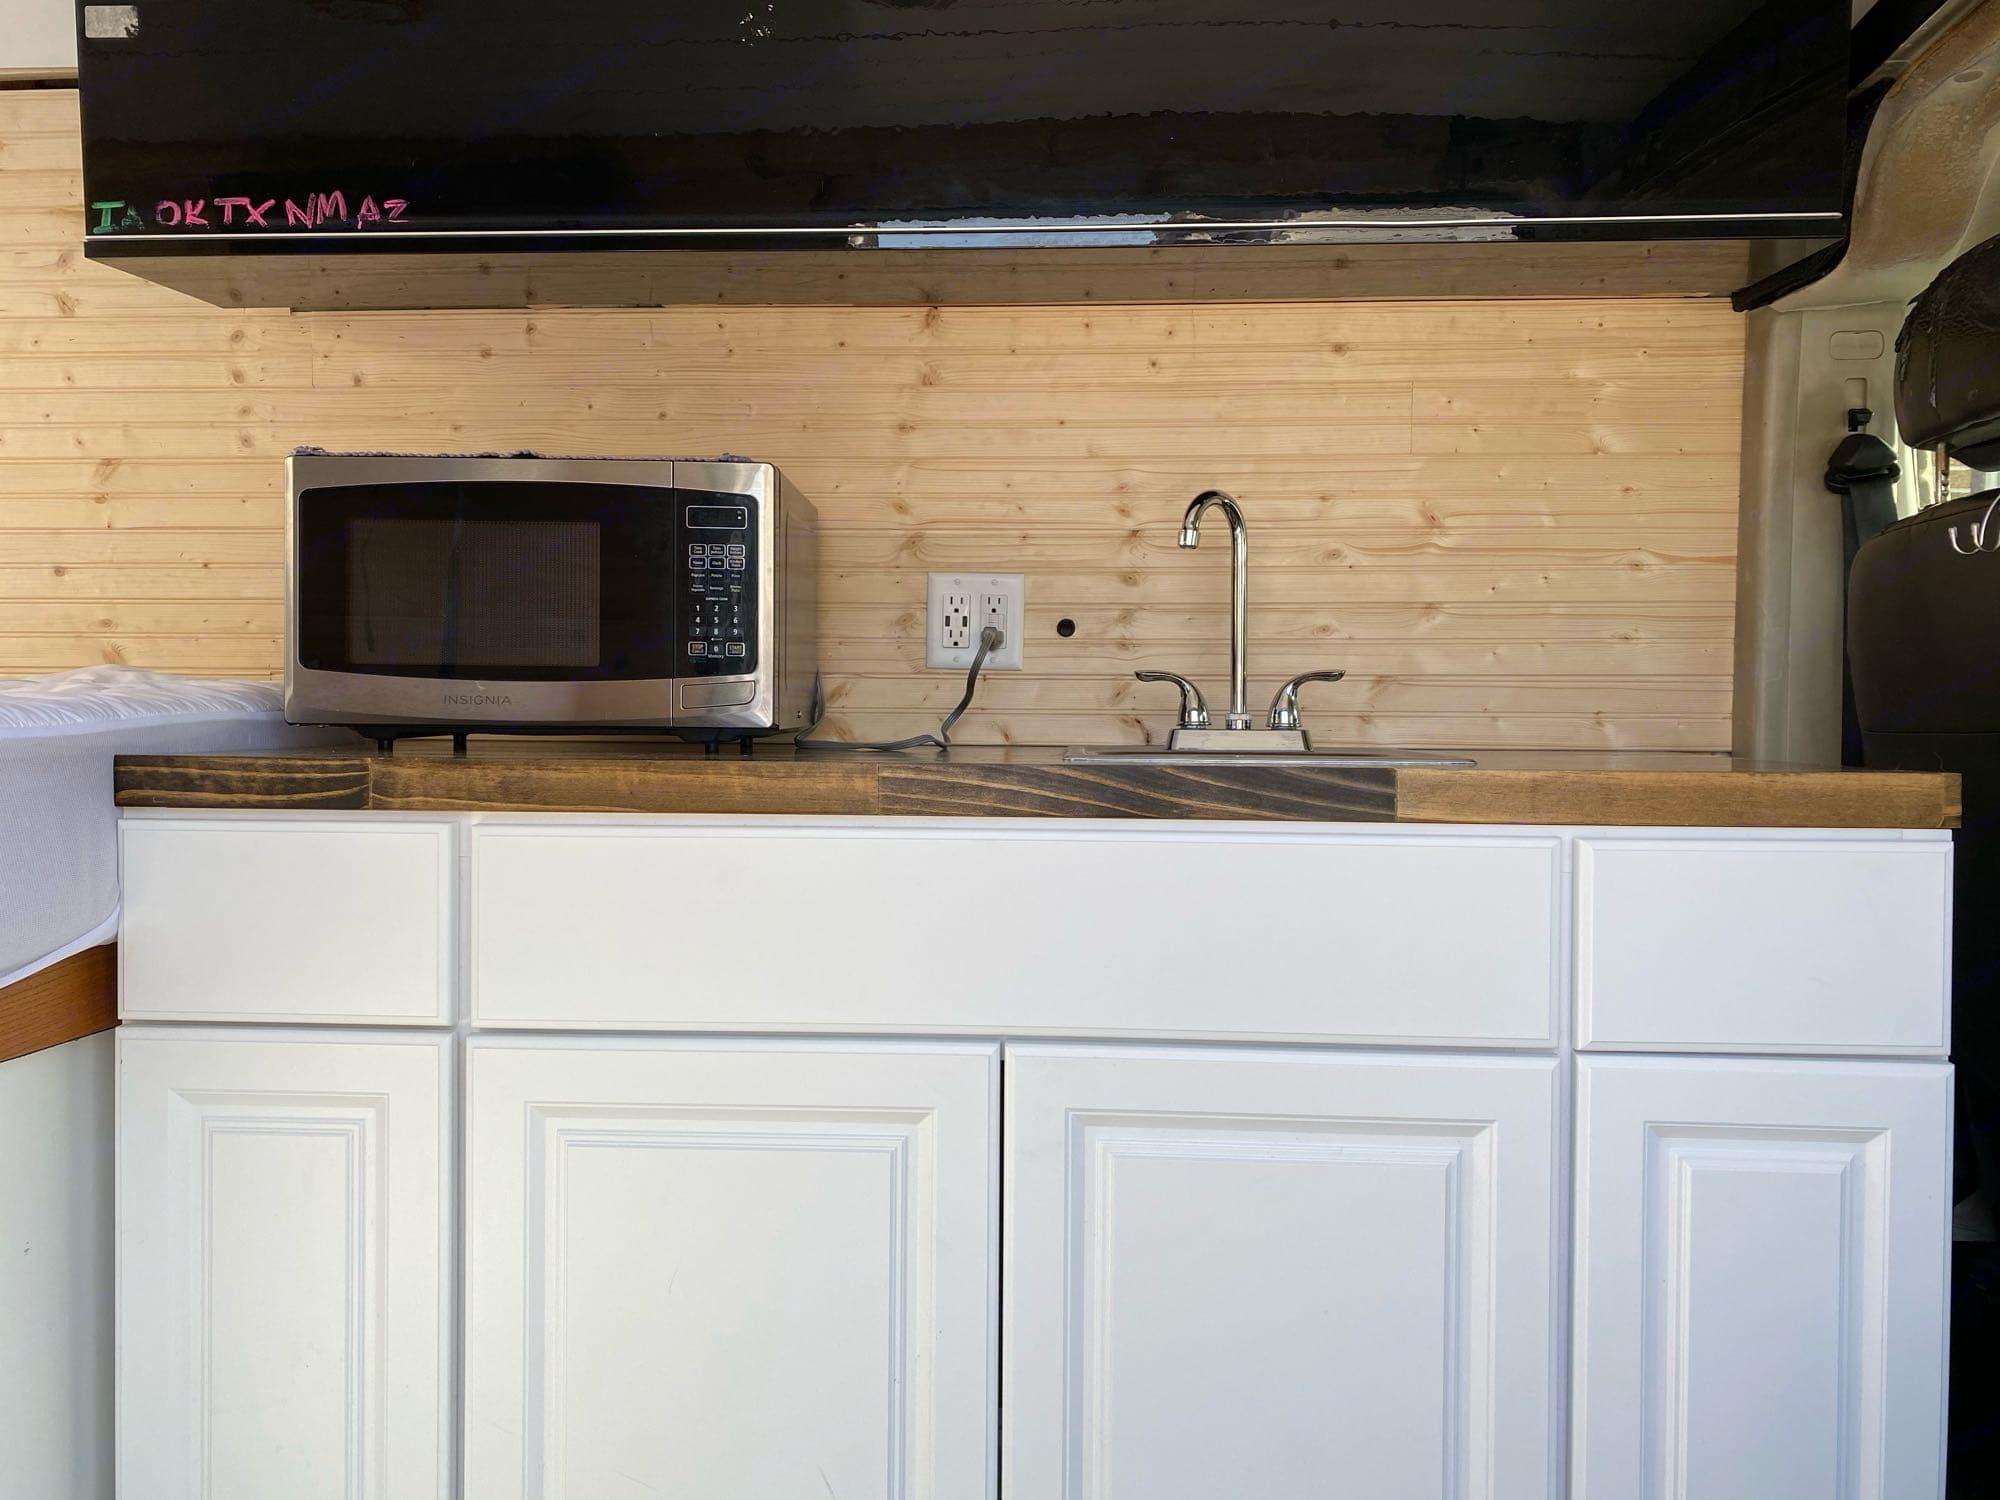 Kitchen, microwave, sink and storage. Dodge Ram 1500 2019